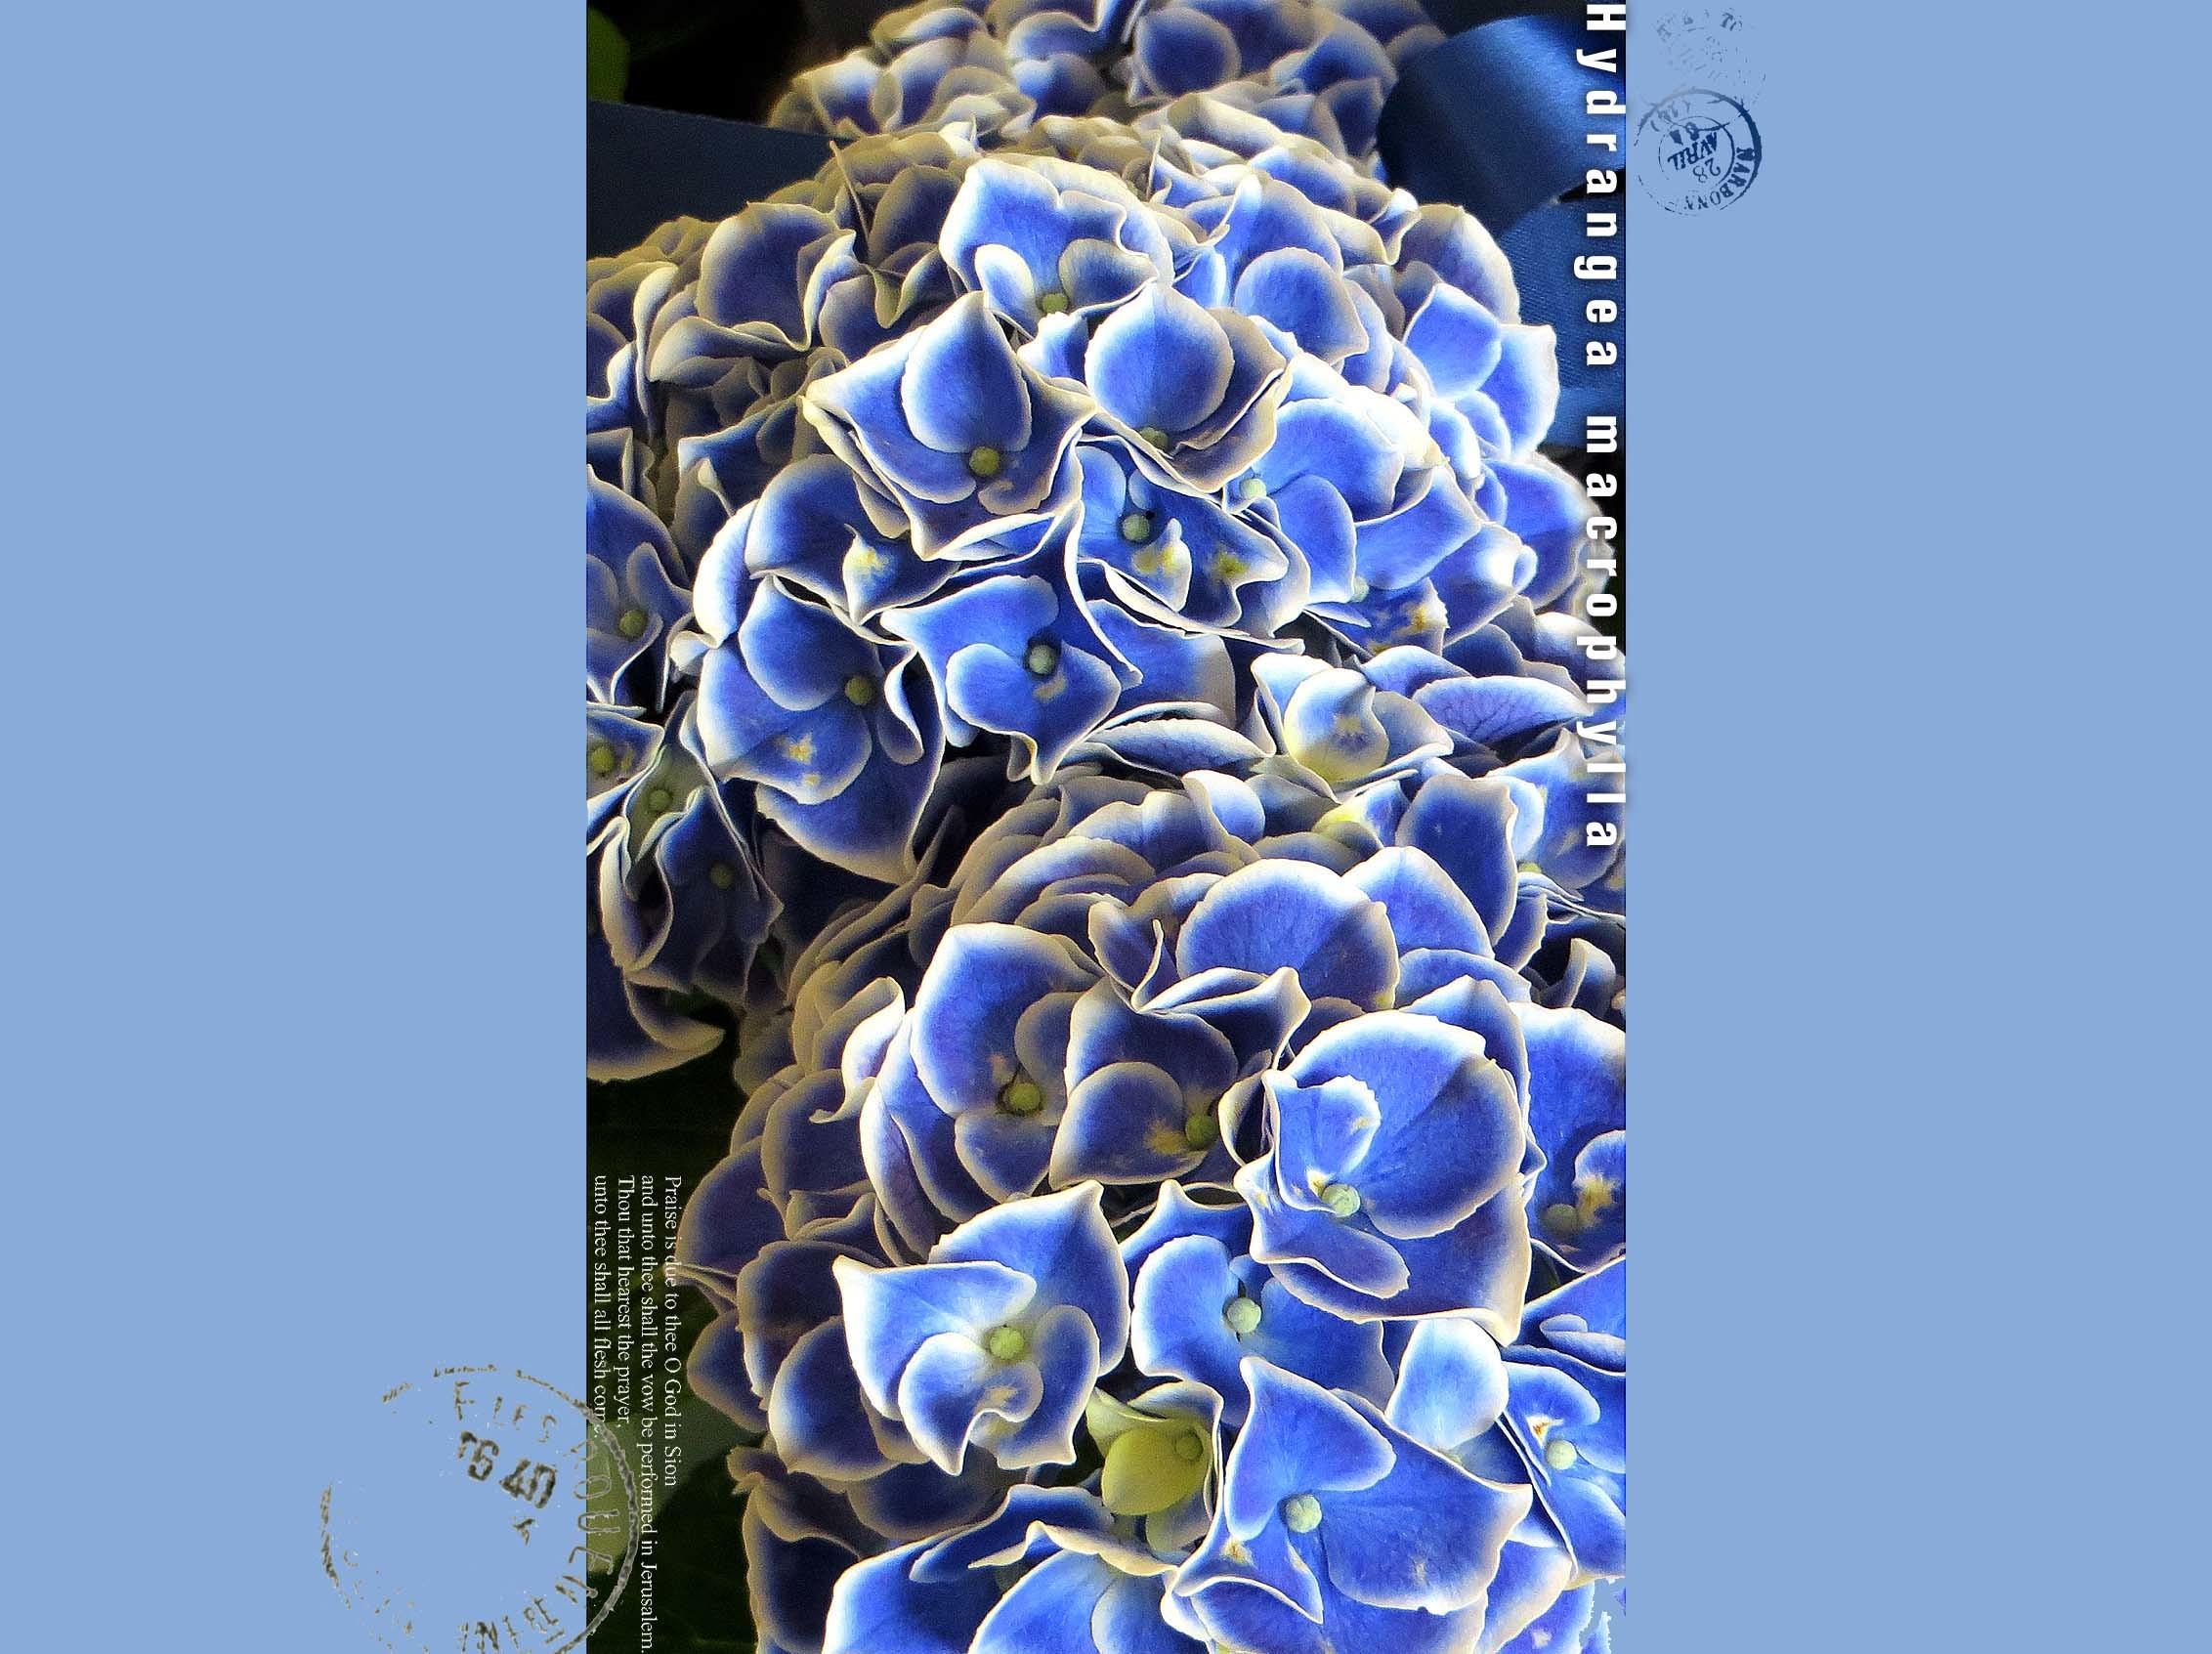 f0198771_23540684.jpg